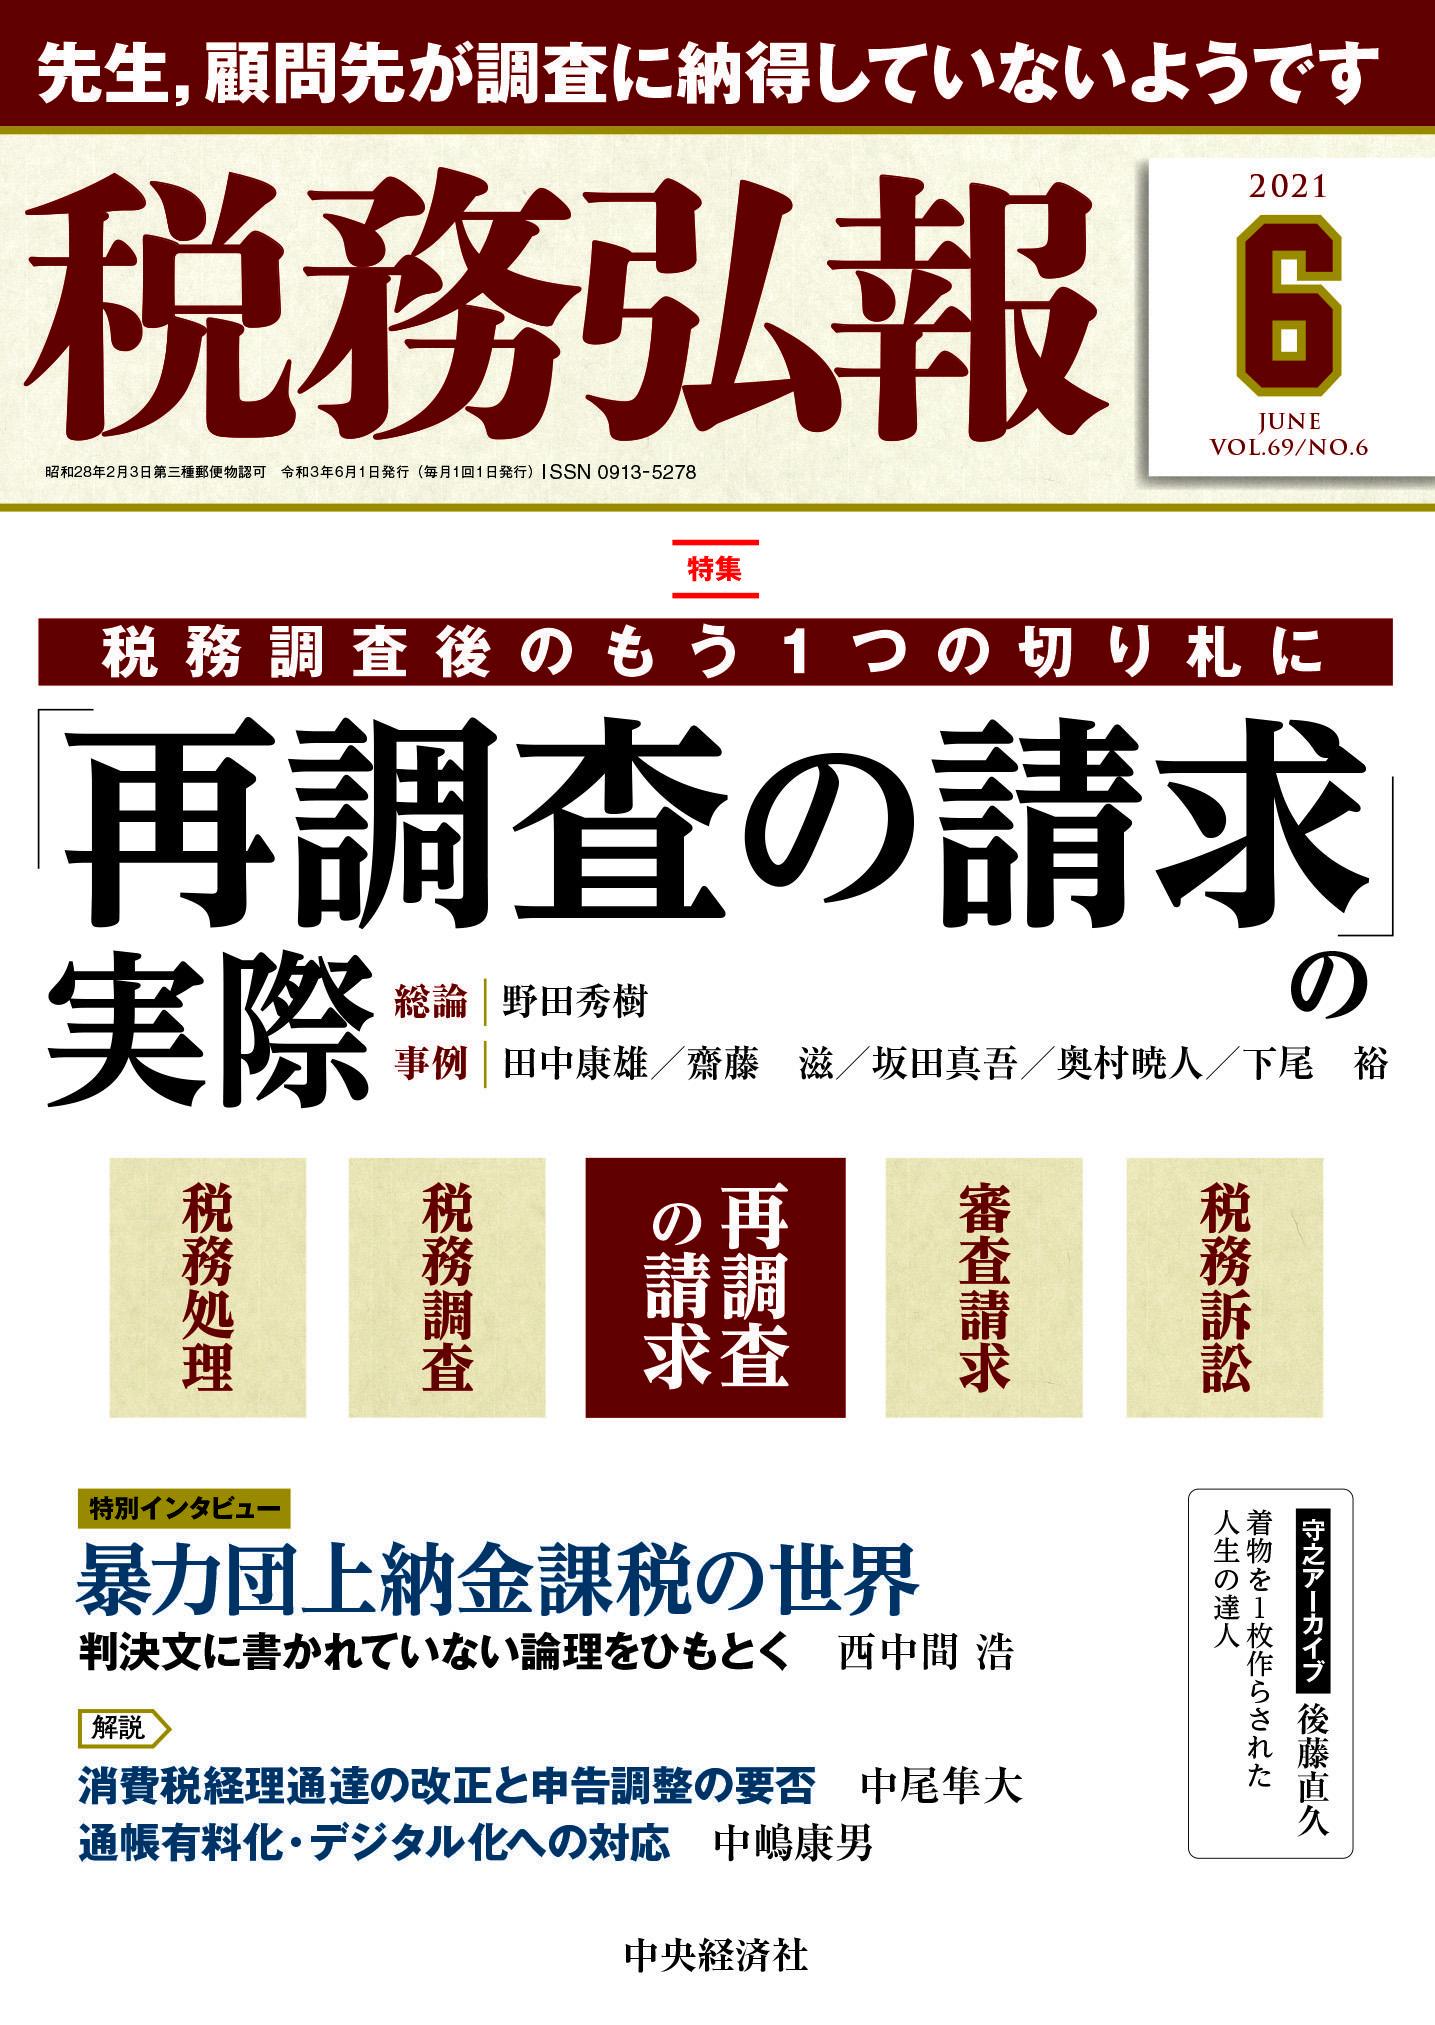 『税務弘報』6月号